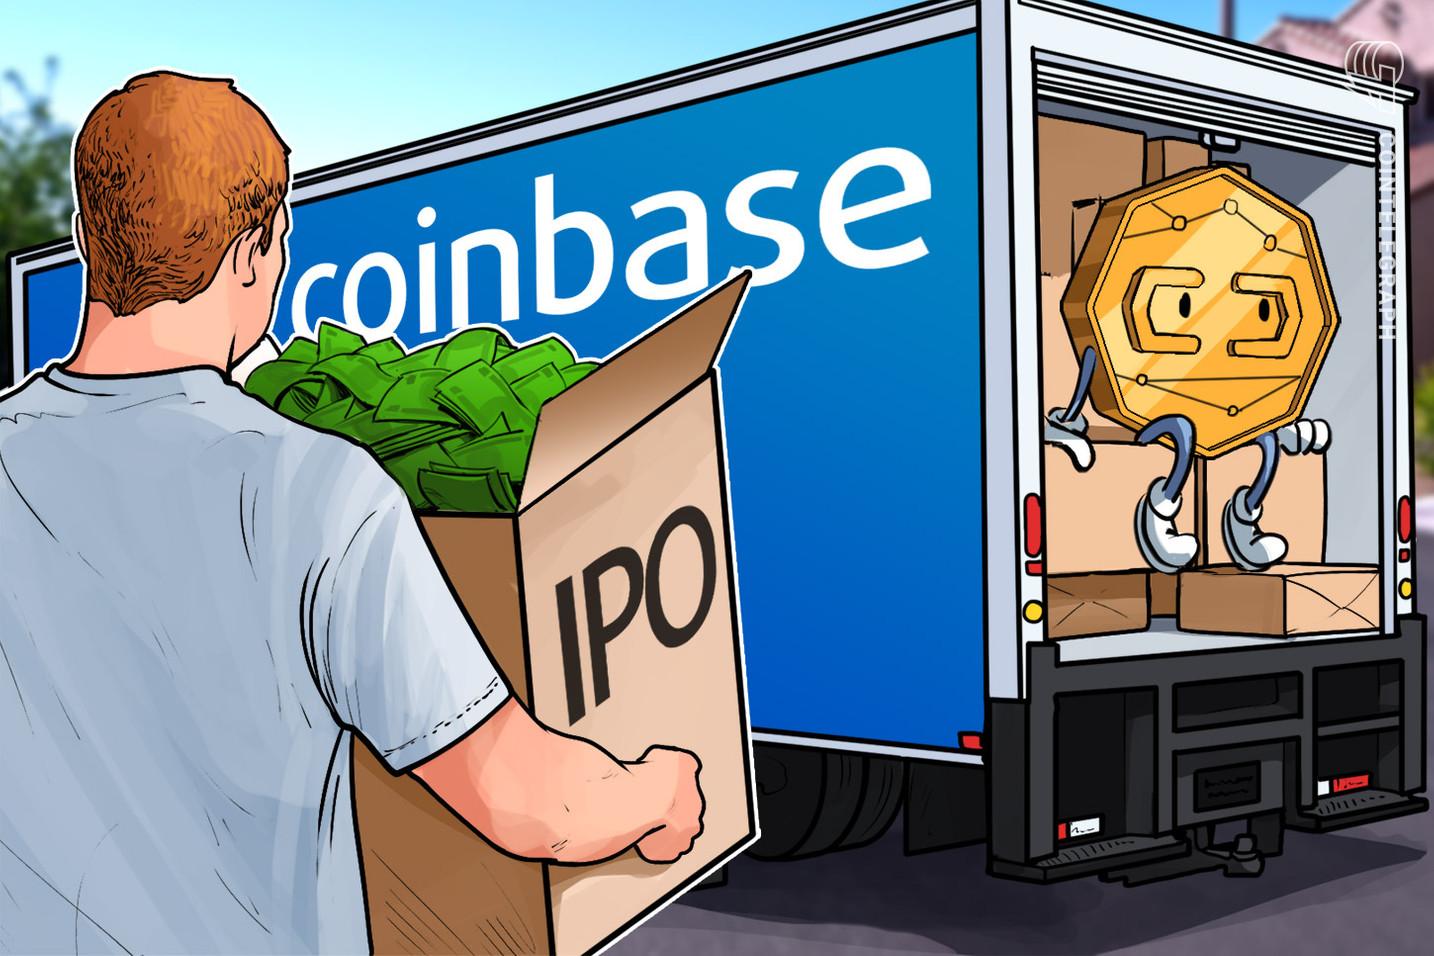 Quando vale Coinbase? 28 miliardi di dollari, secondo Messari